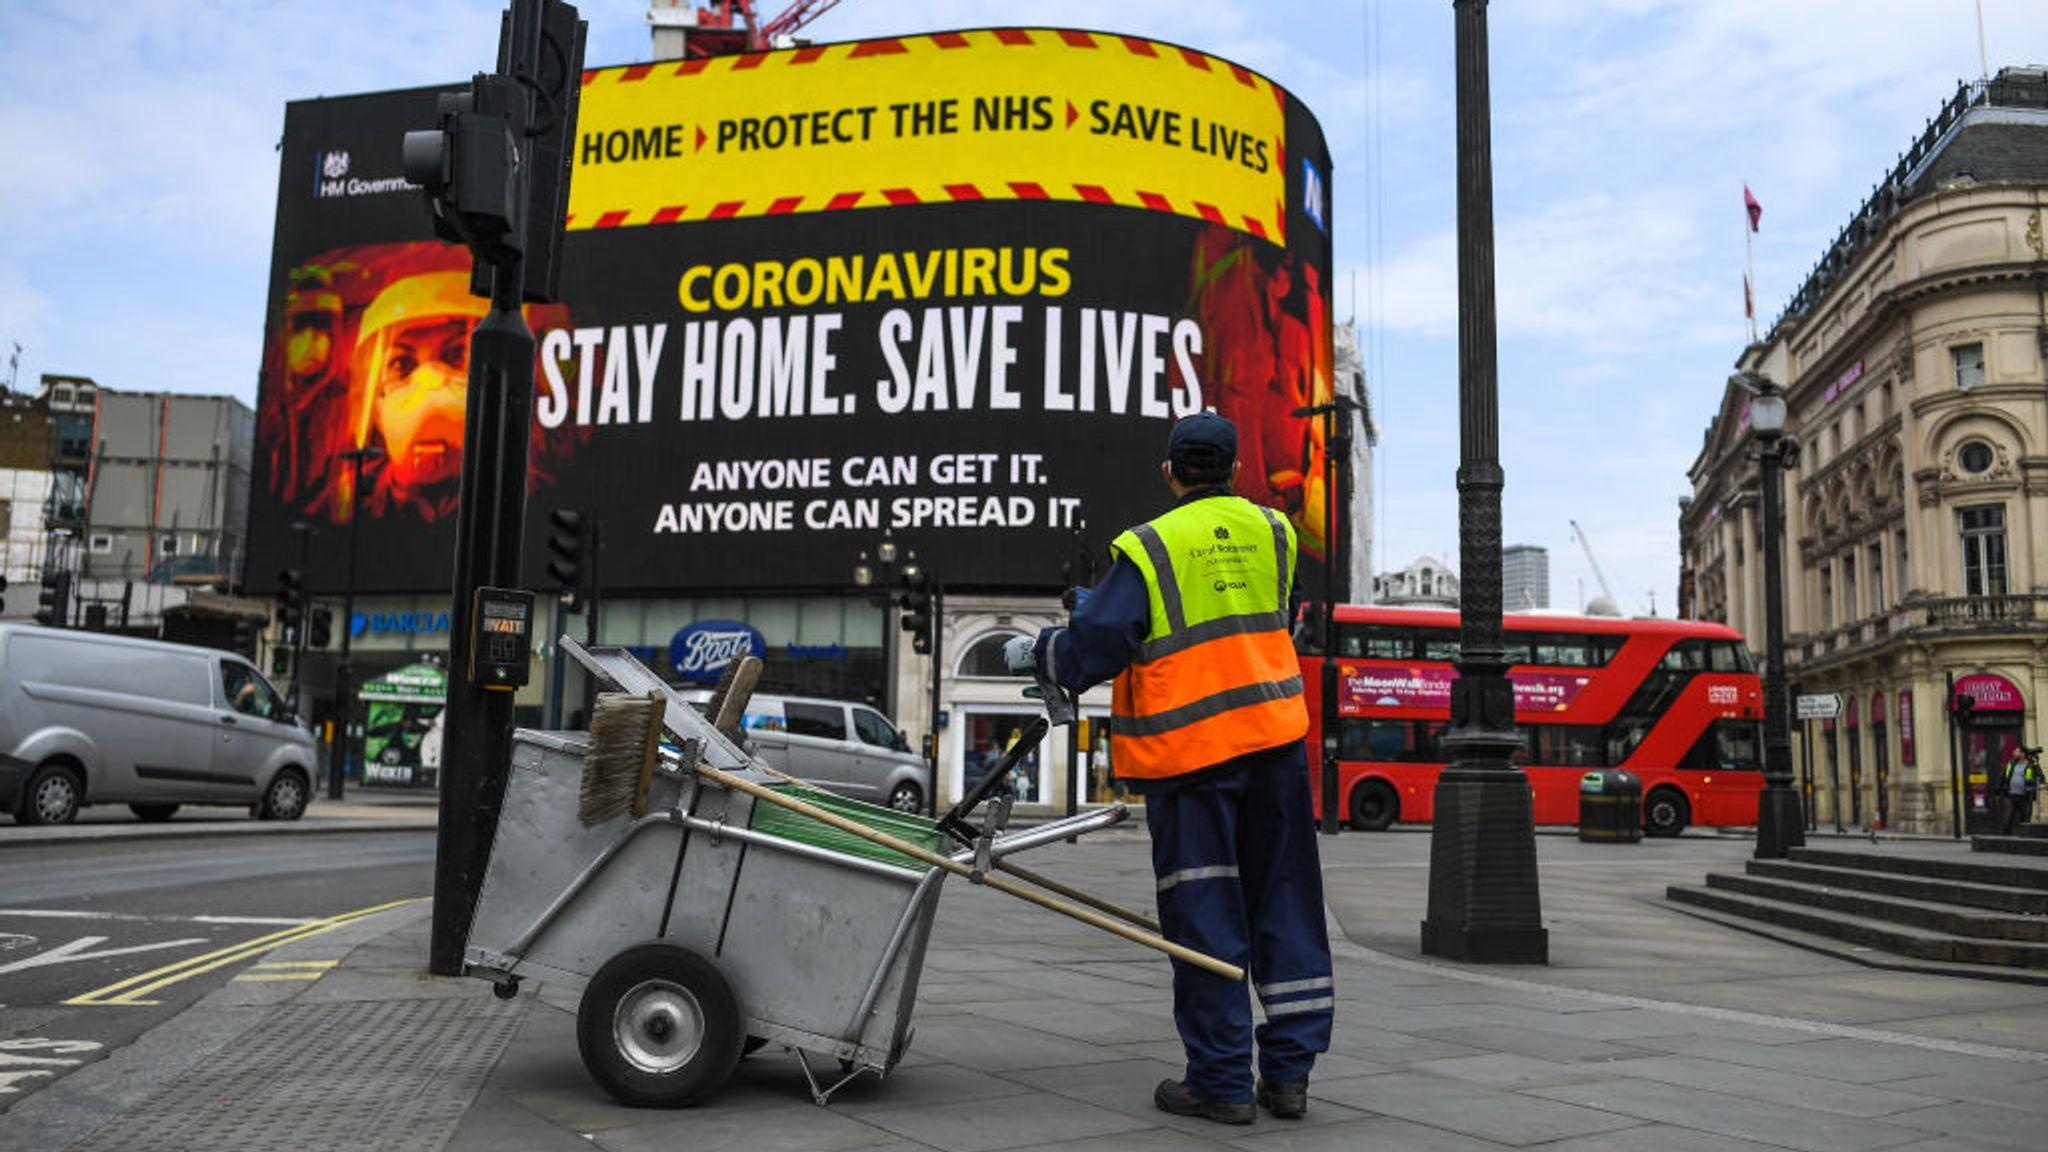 Zisa pandemie e pe o panta descendentă peste tot în Emisfera Nordică. Se va deplasa coronavirusul în Emisfera Sudică […]